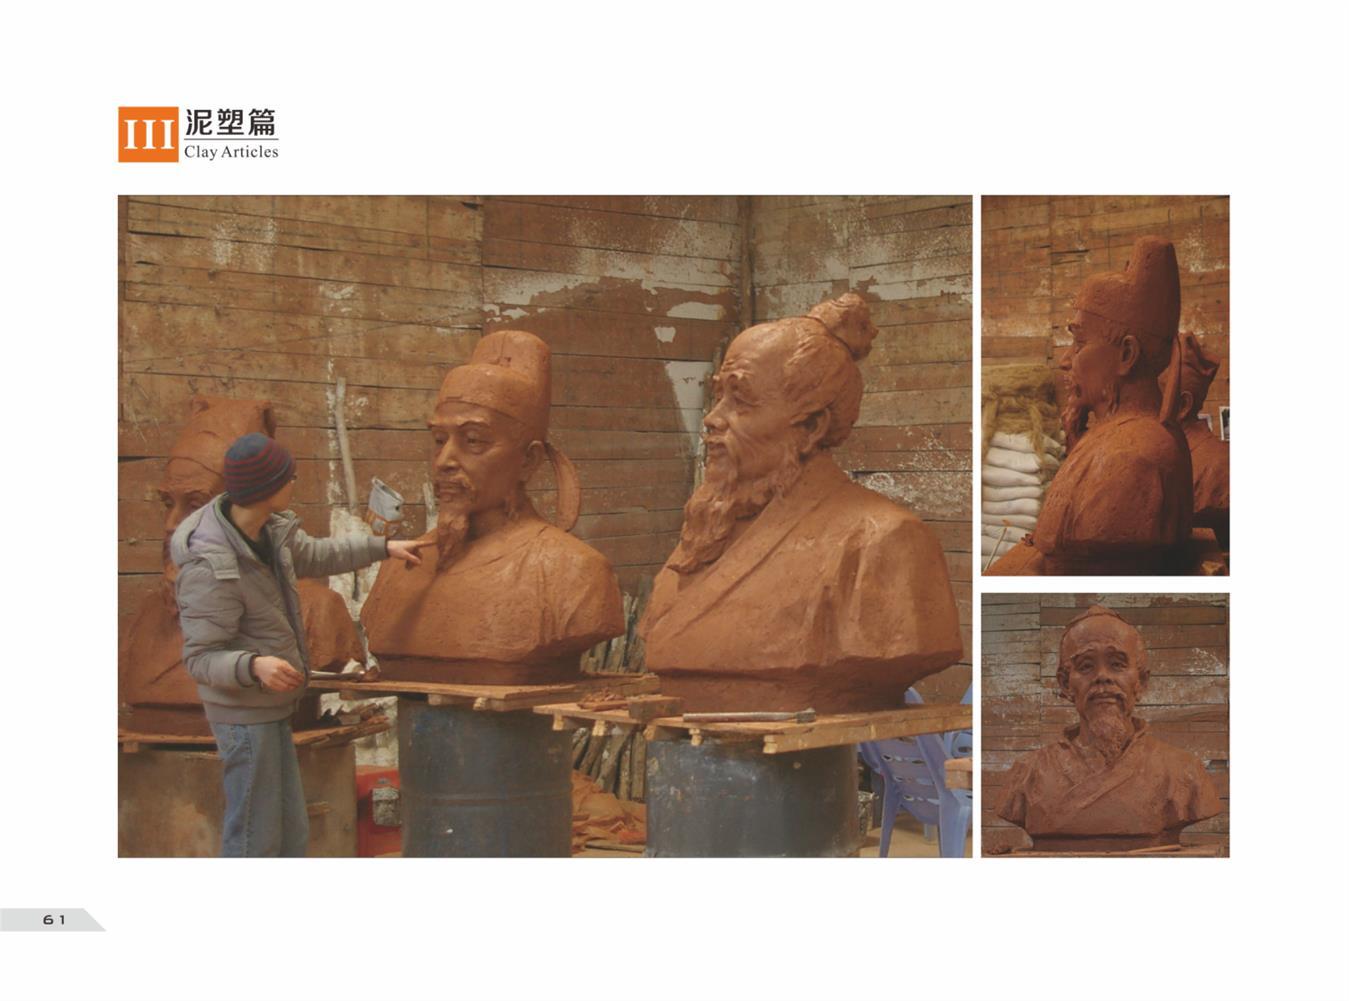 校园雕塑厂商